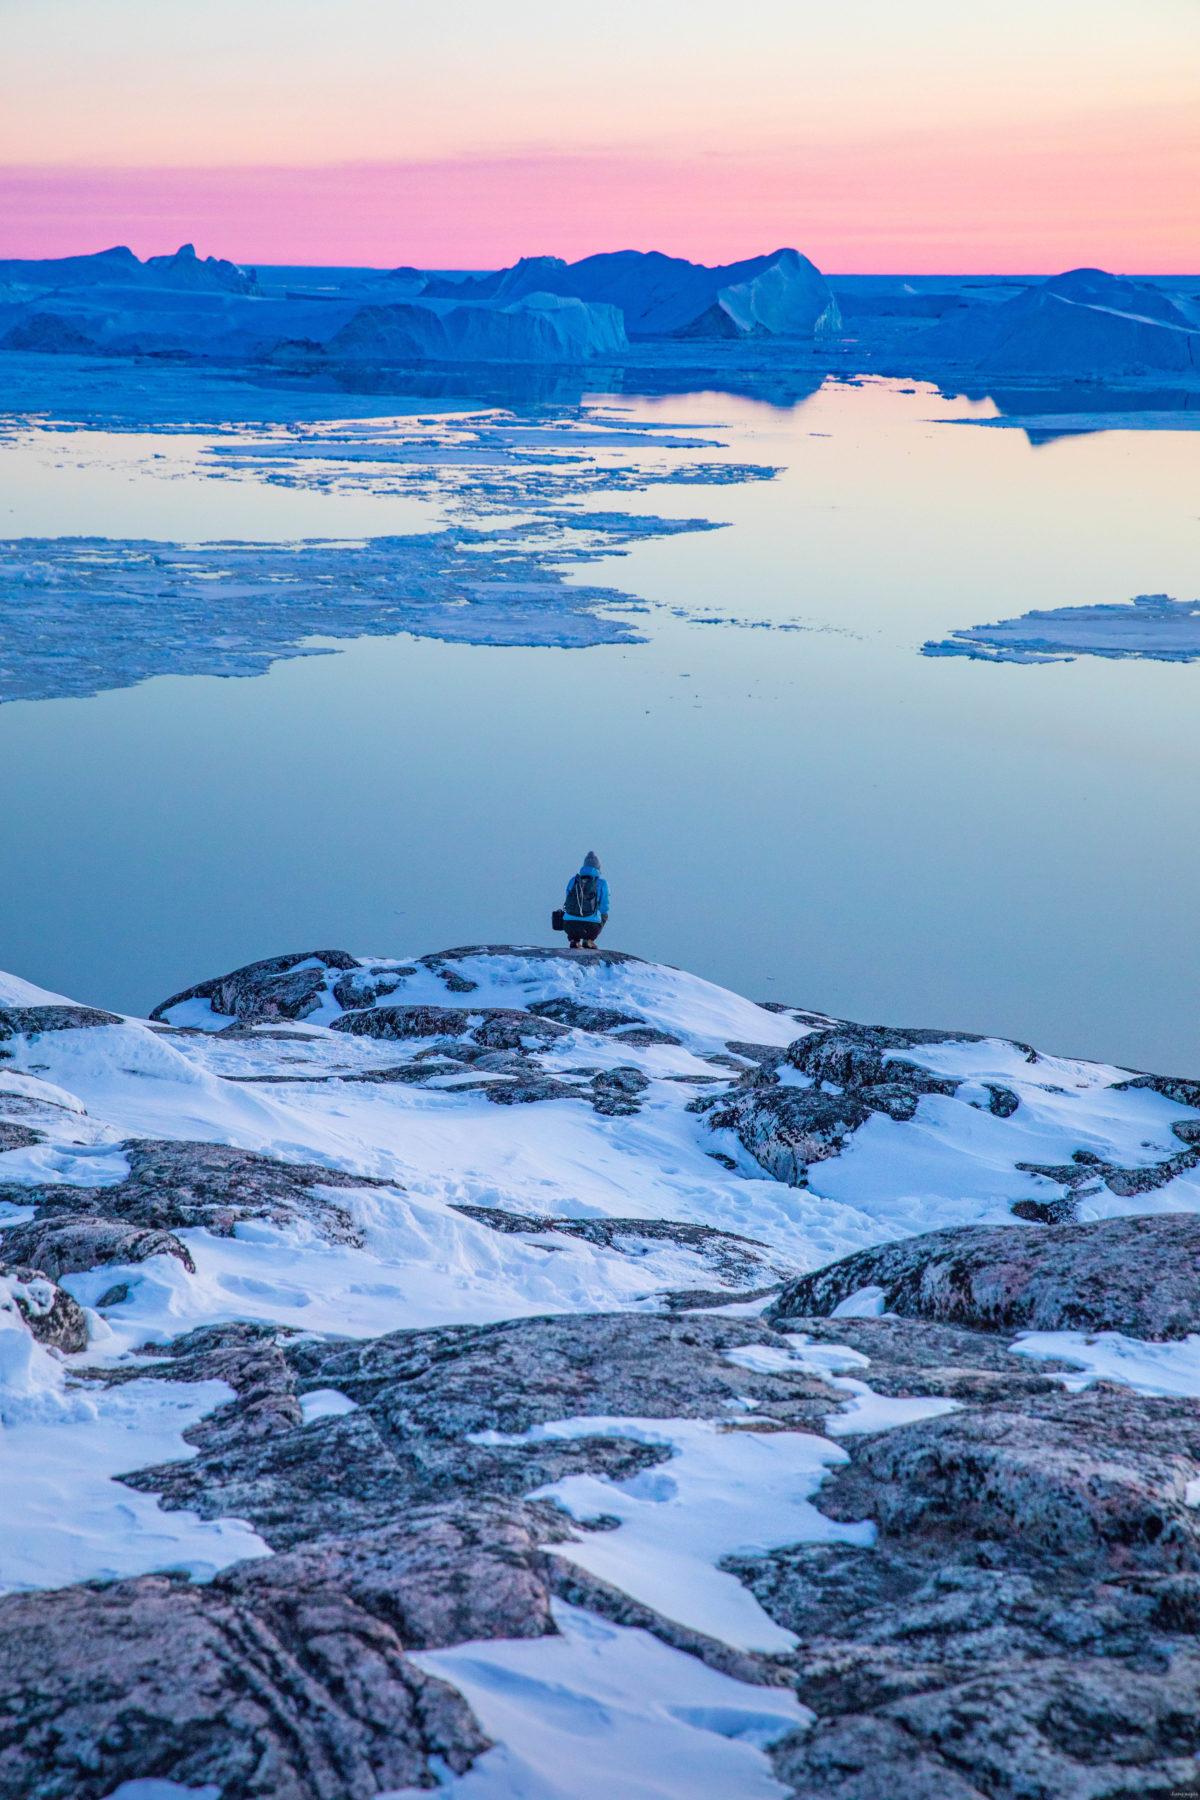 Coucher de soleil à Ilulissat, Groenland. Découvrez Ilulissat, capitale des icebergs.